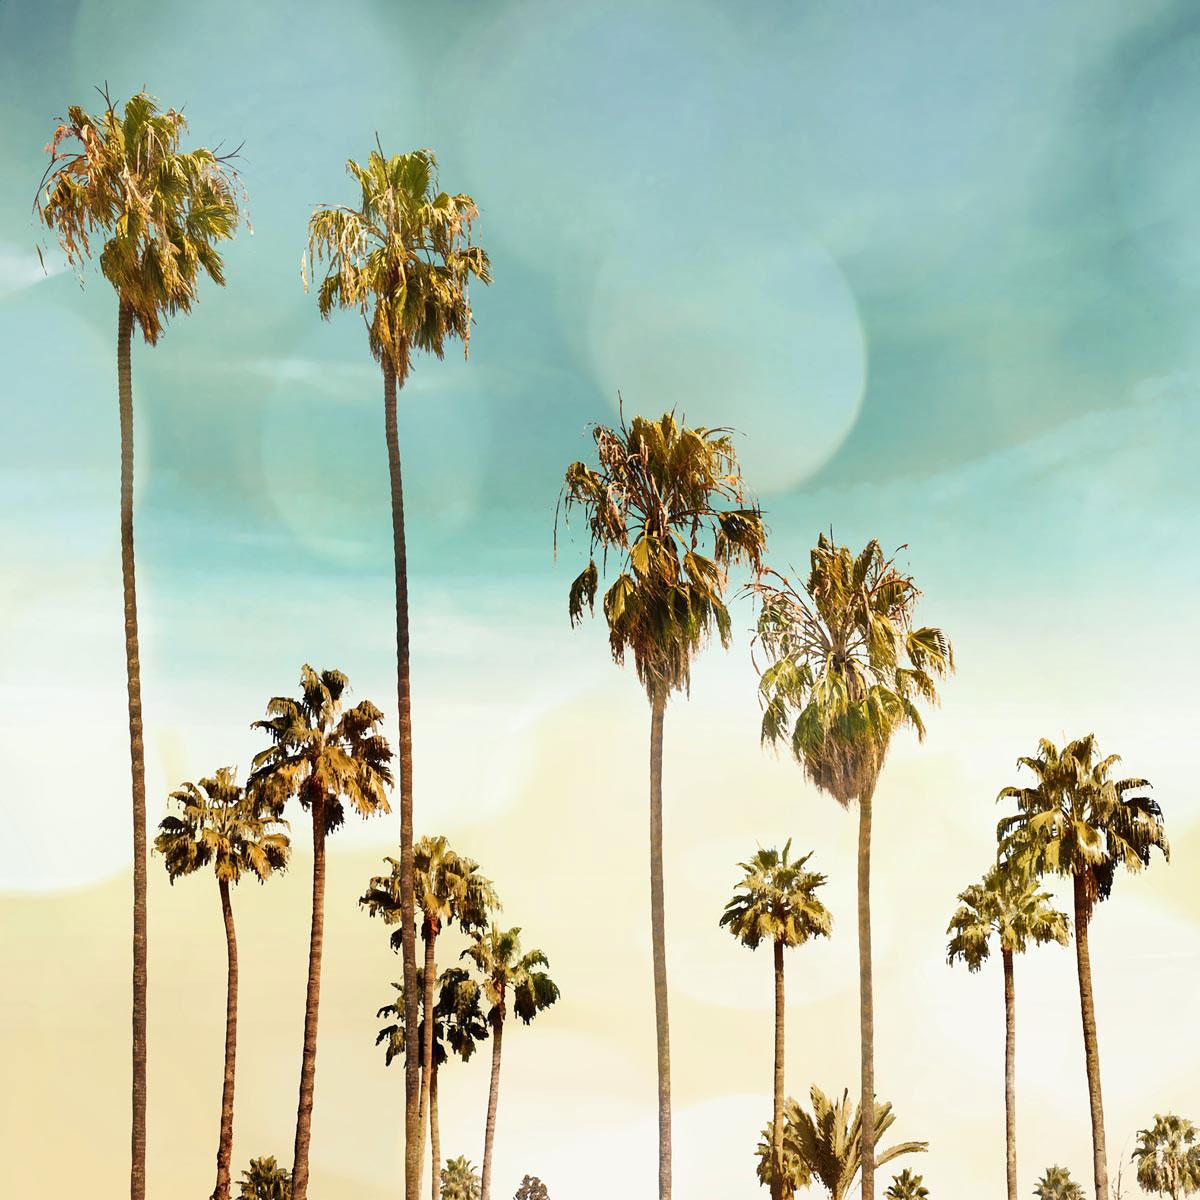 Beach Palms II by Devon Davis